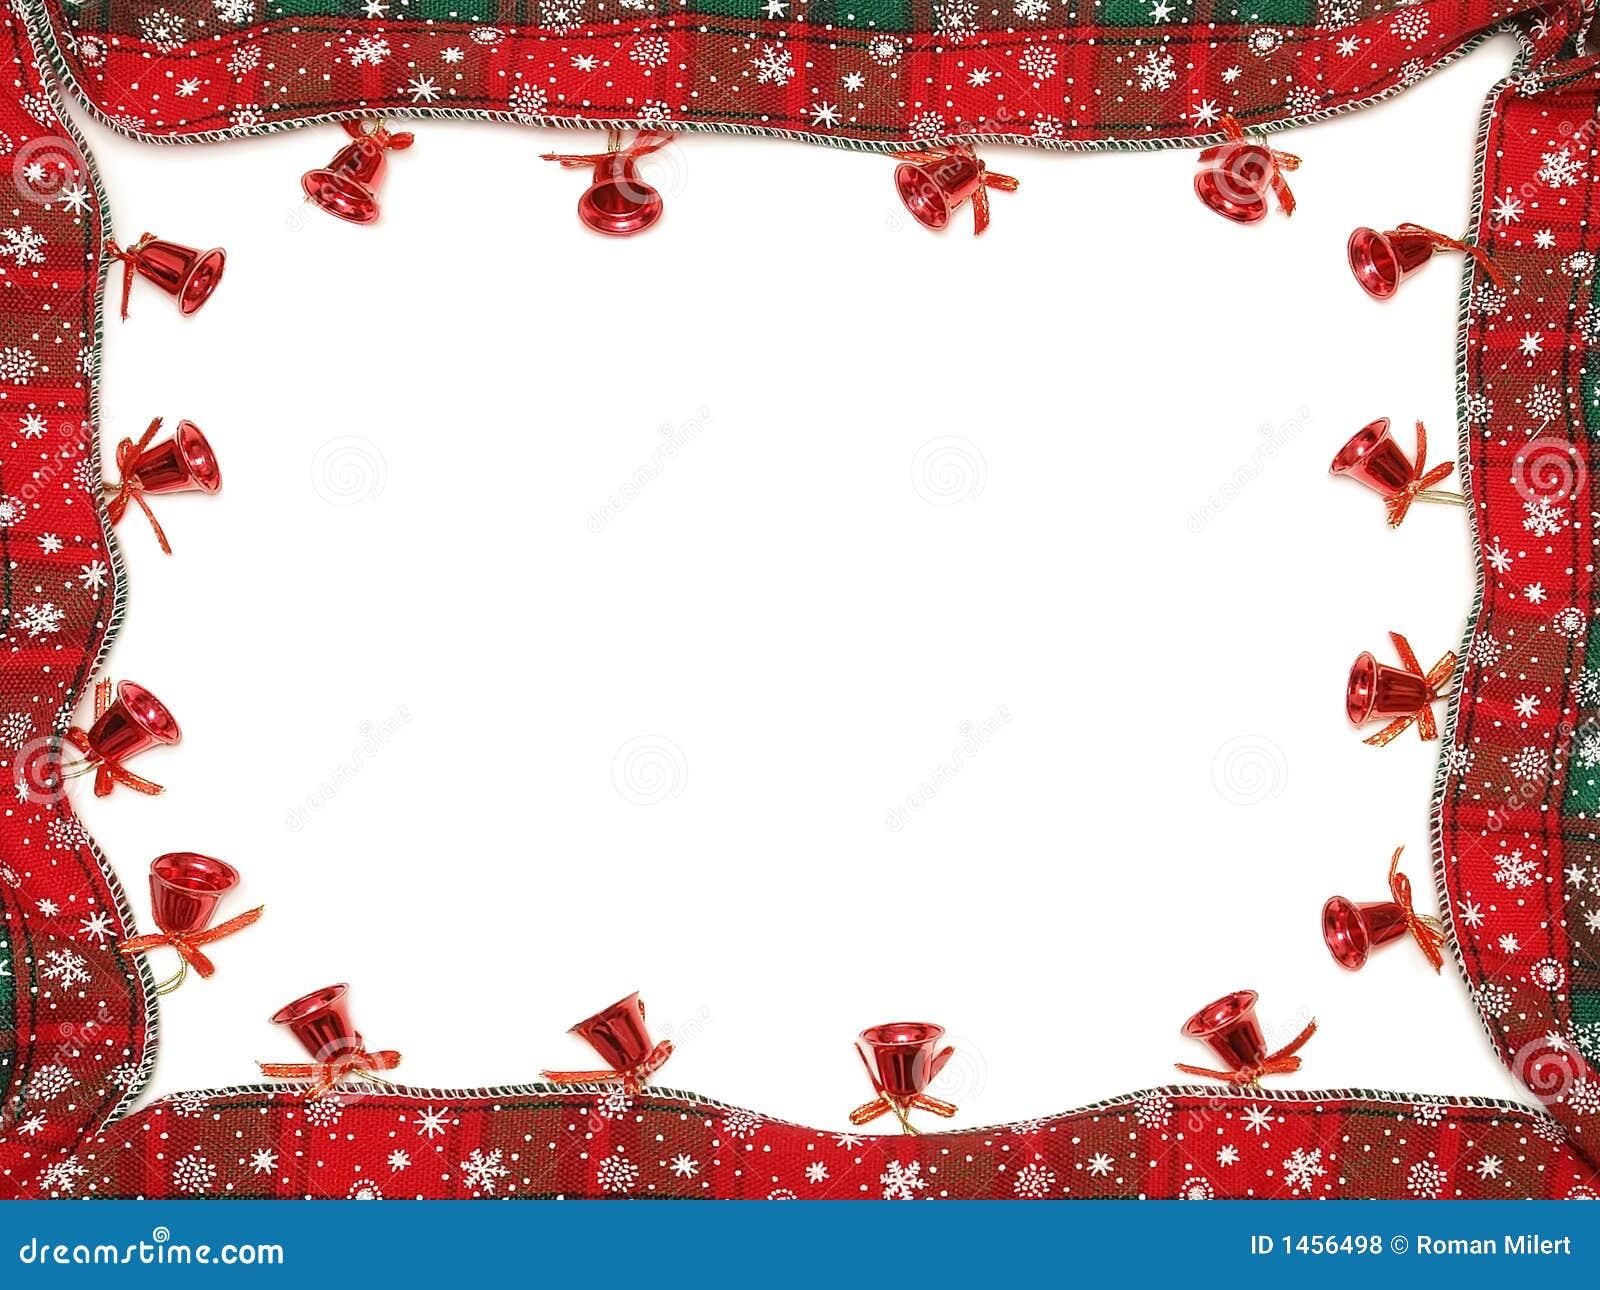 weihnachtsrahmen stockfoto bild von verzierung farbband. Black Bedroom Furniture Sets. Home Design Ideas